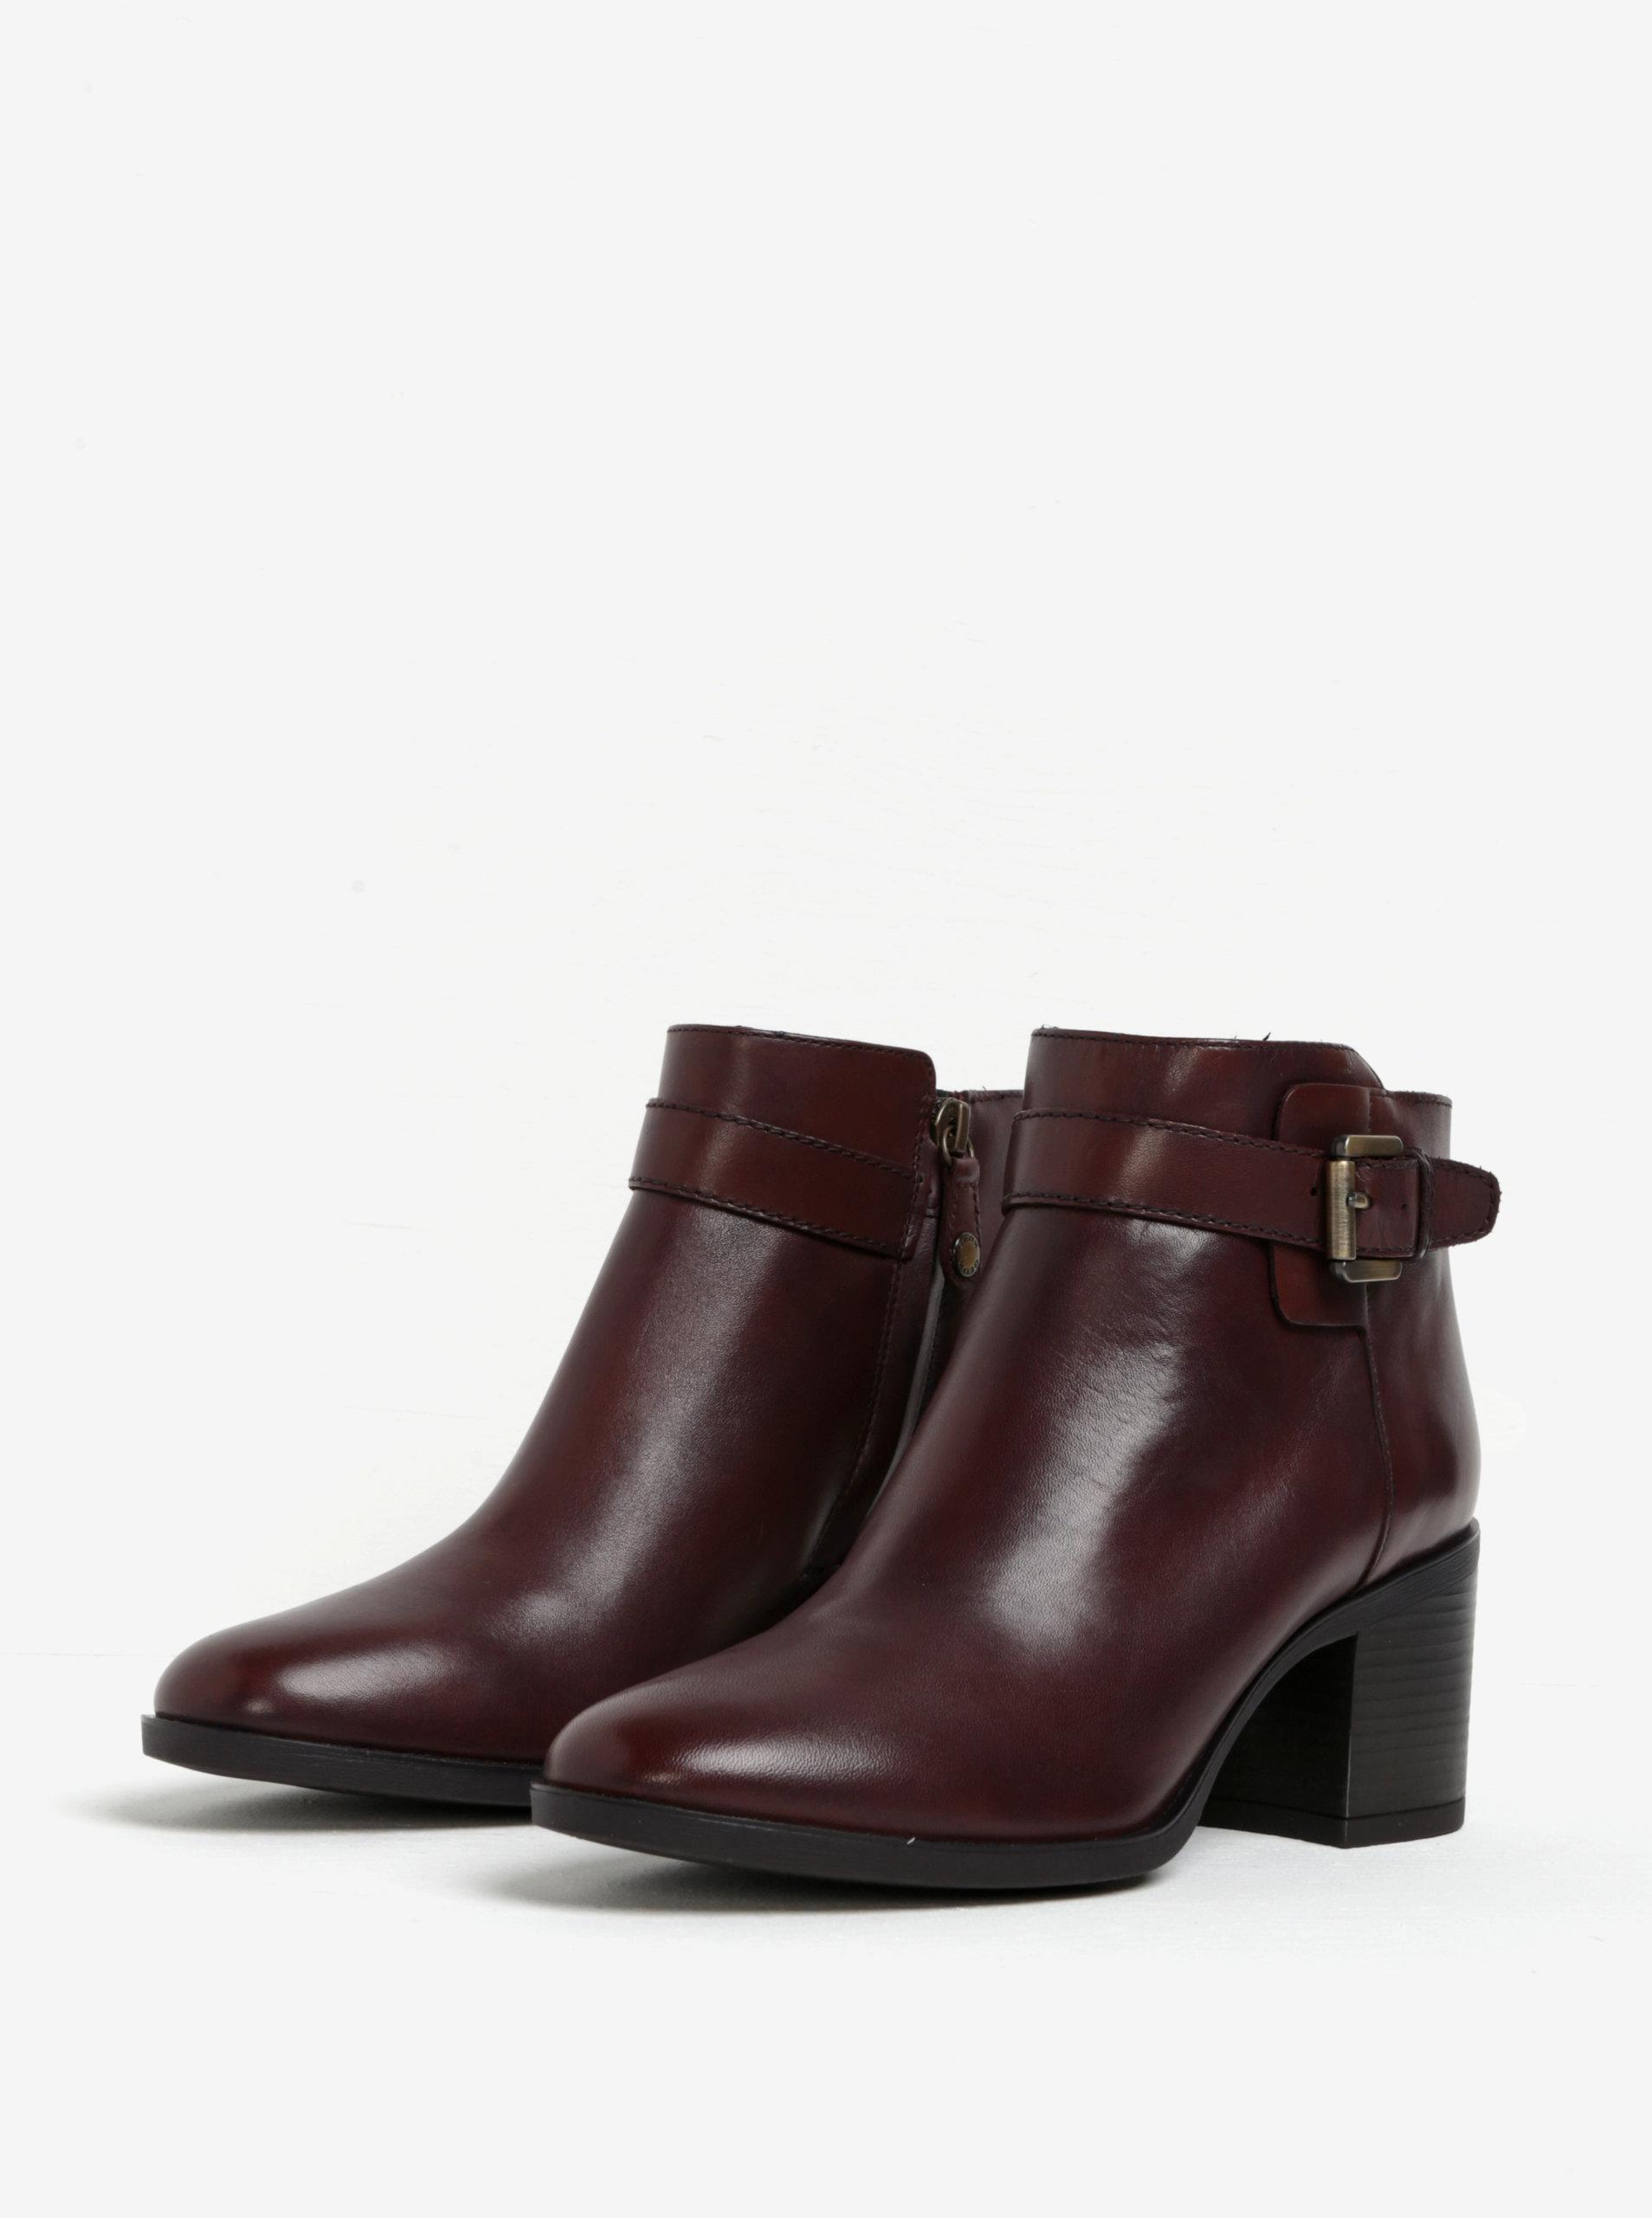 Hnedé dámske kožené členkové topánky s prackou Geox Glynna ... 2058ed7b636